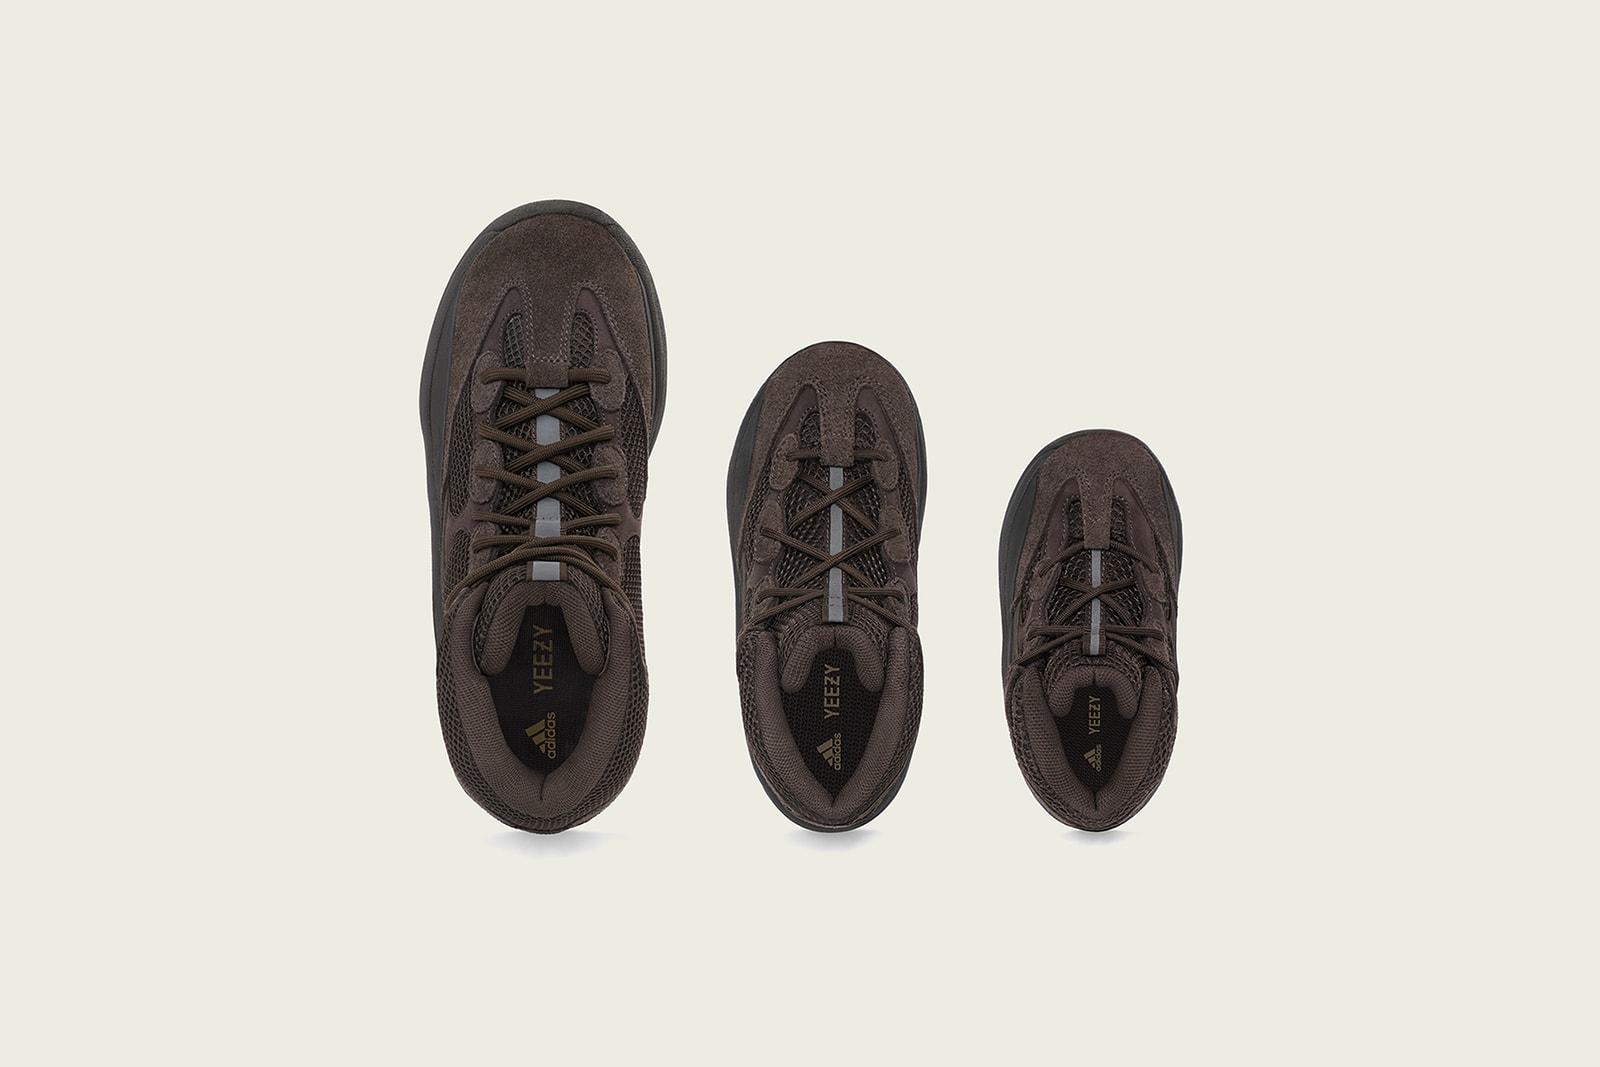 アディダス adidas kanye west カニエ・ウェスト 新作 YZY DSRT BT ファミリーサイズ 初登場